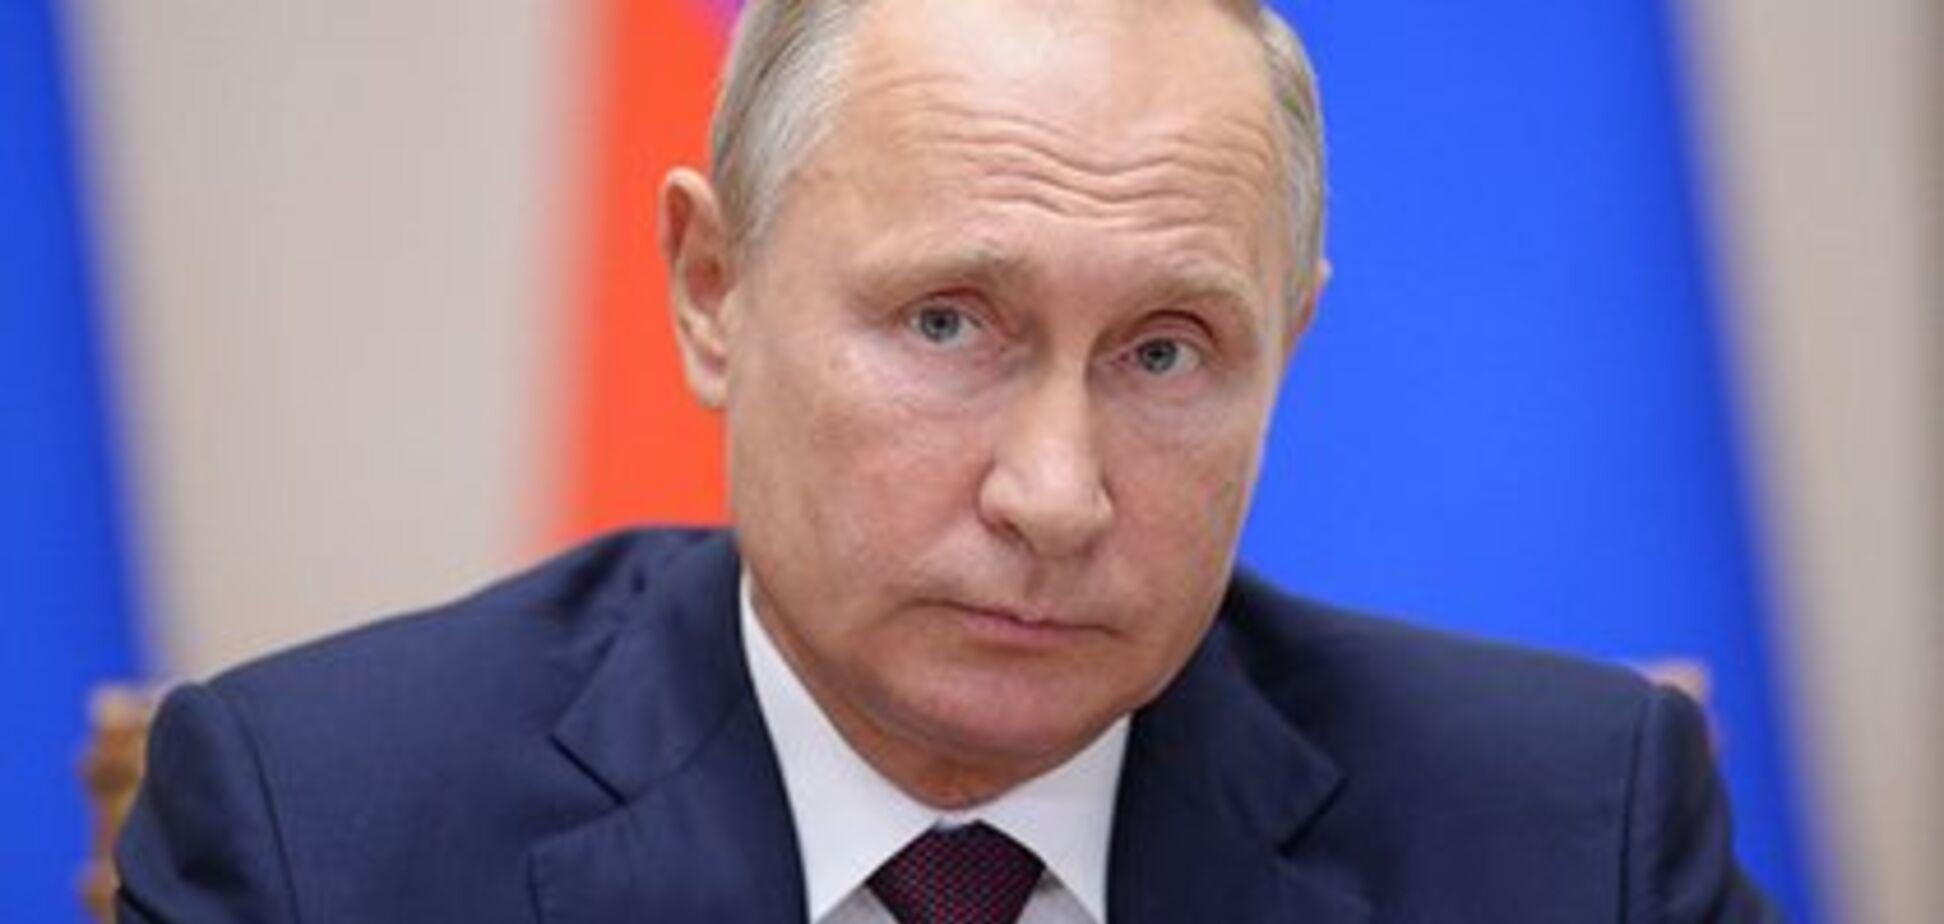 Путин распорядился ввести санкции против Украины: что это значит